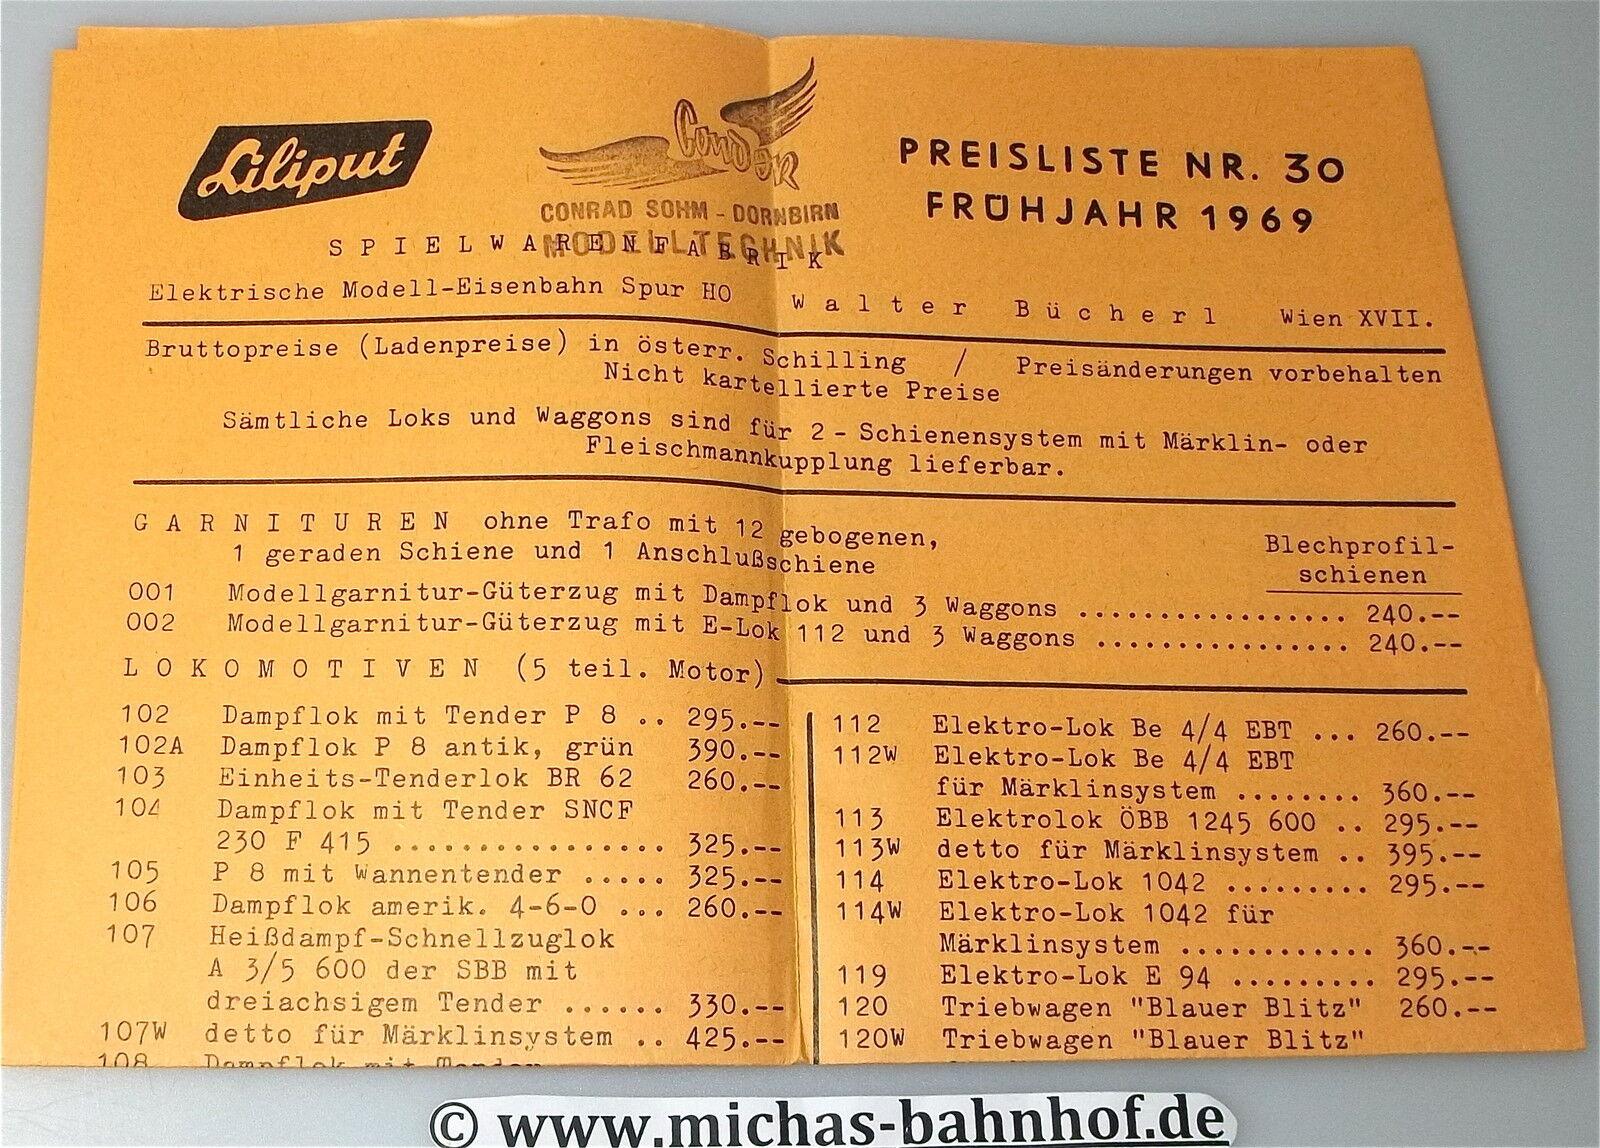 Liliput preisliste nr 30 frühjahr 1969 å